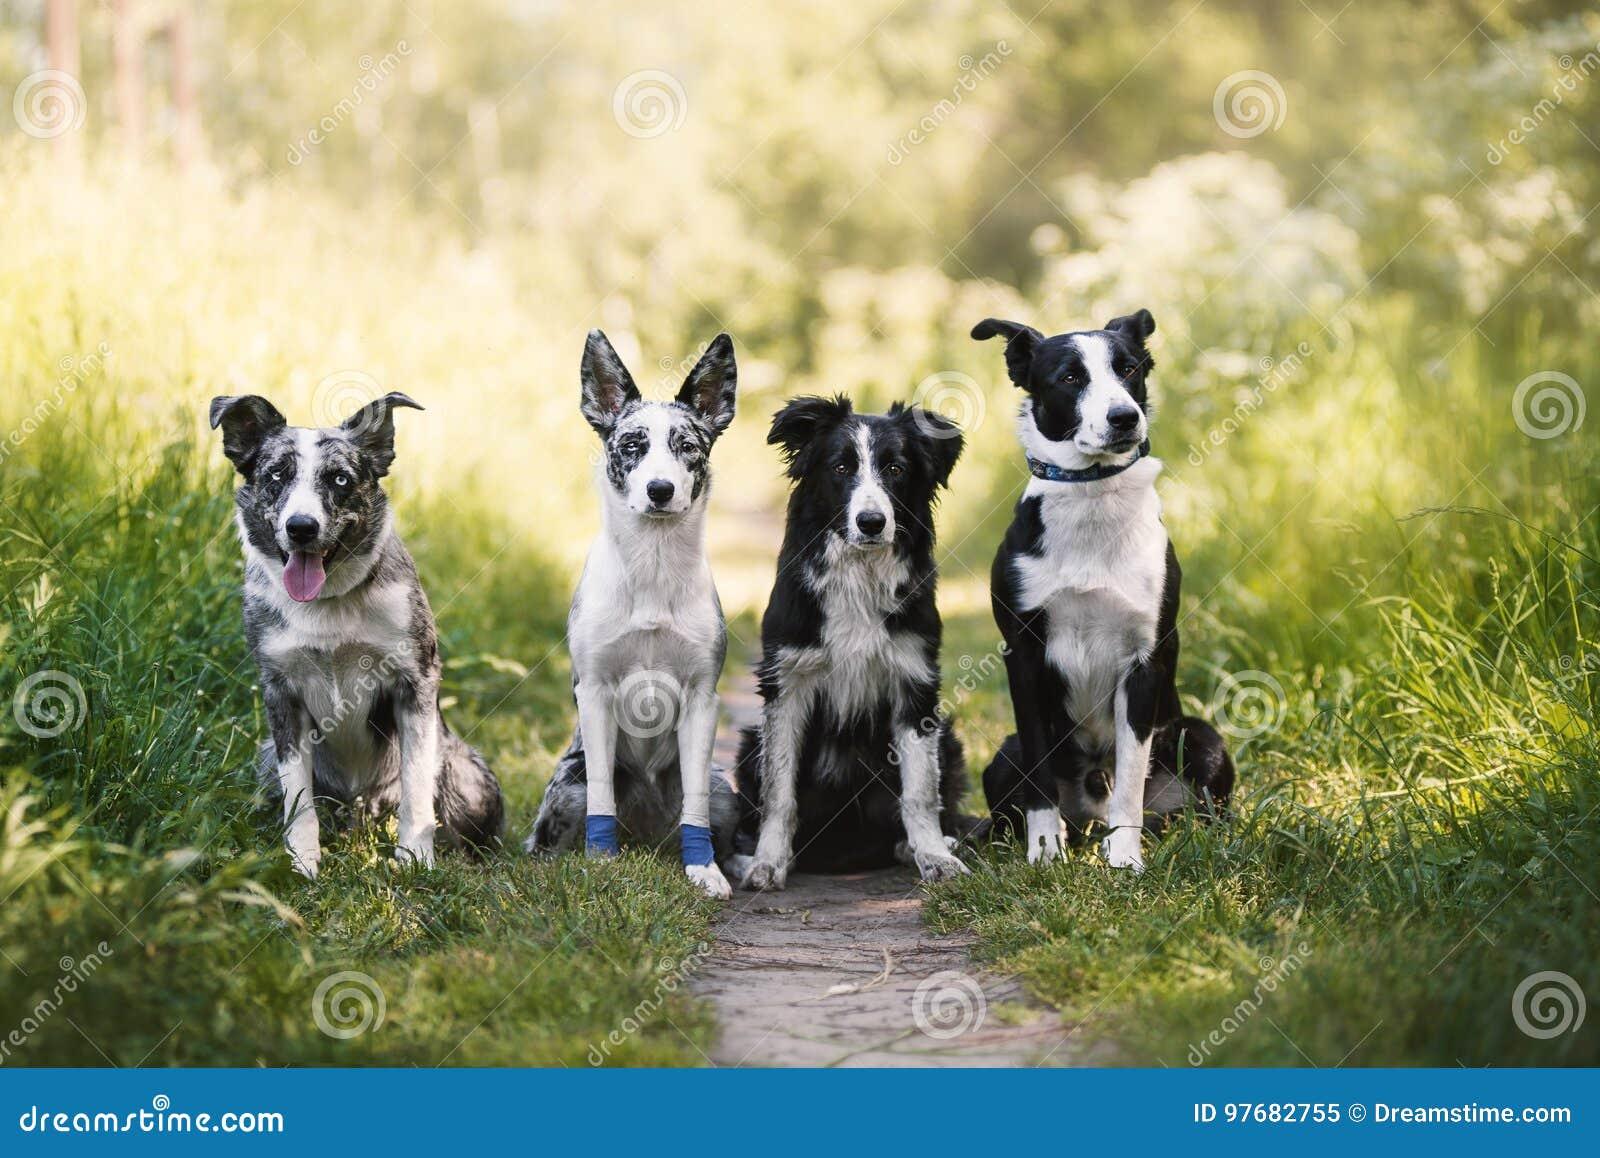 Quatro cães border collie no verão